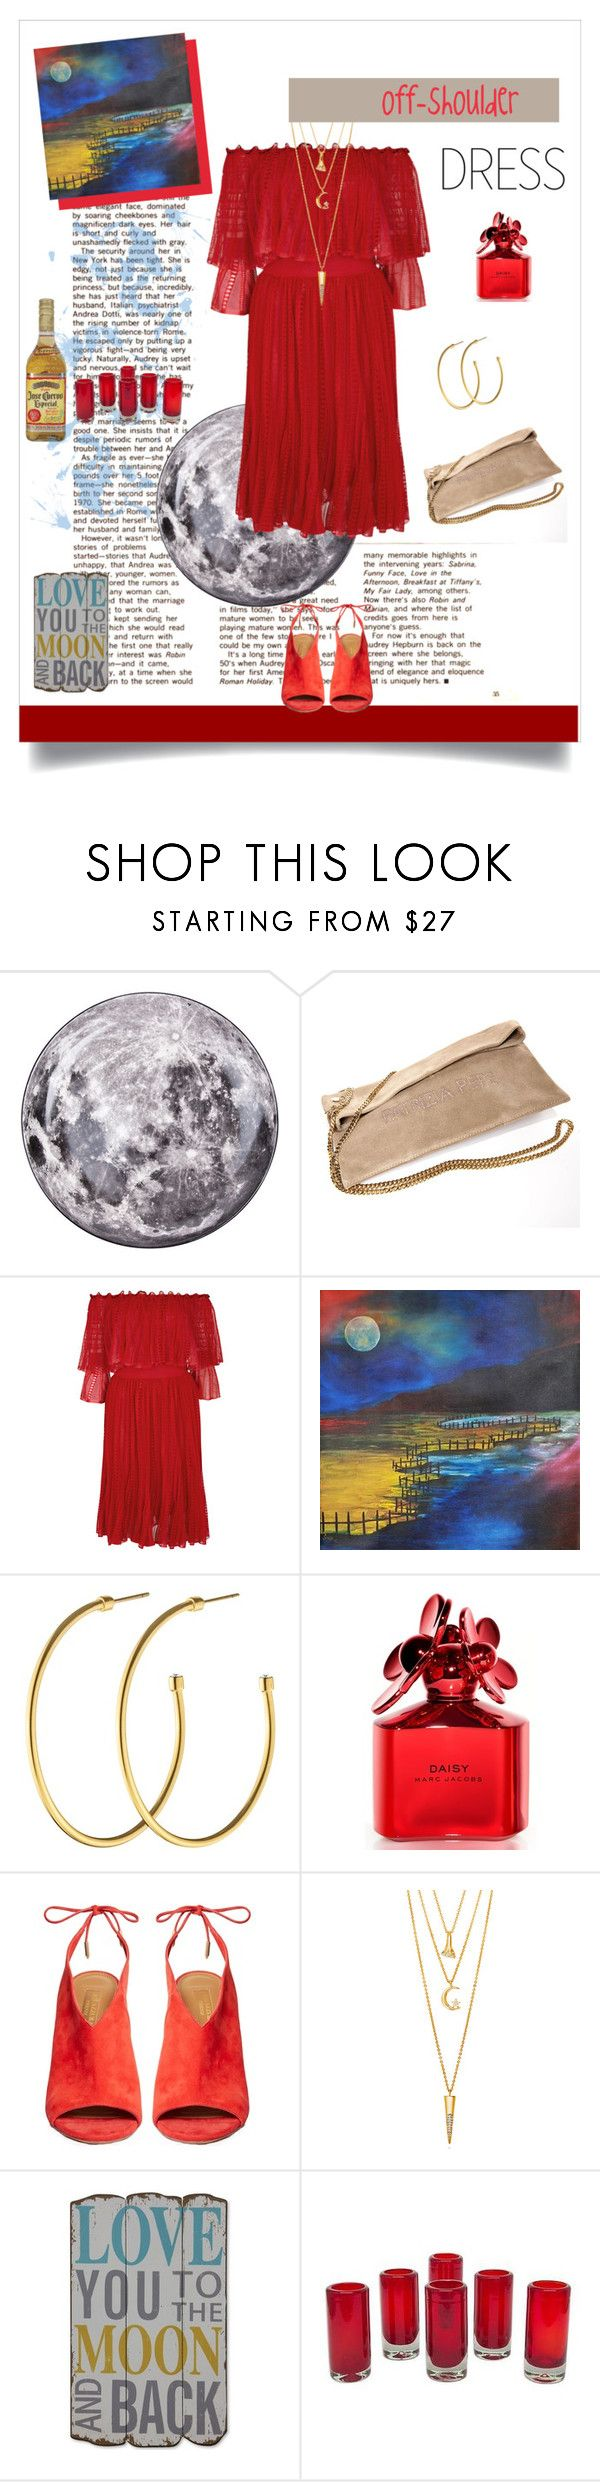 """""""κόκκινο φεγγάρι, θάλασσες τεκίλα"""" by xanthik ❤ liked on Polyvore featuring Seletti, Patrizia Pepe, Alexander McQueen, NOVICA, Dyrberg/Kern, Marc Jacobs, Aquazzura, BERRICLE and Creative Co-op"""